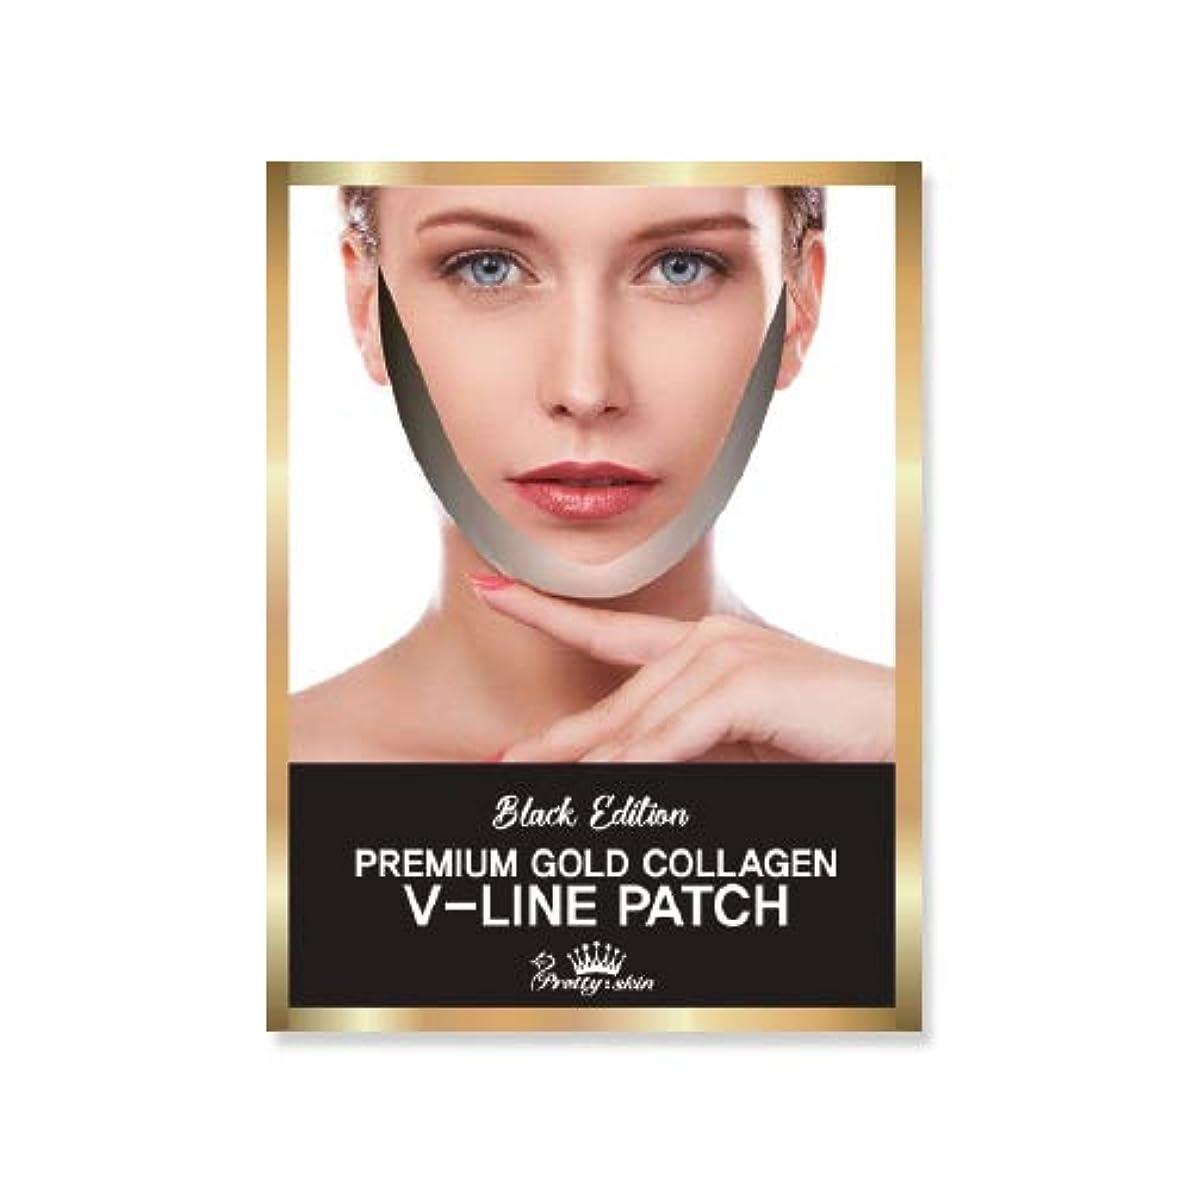 お勧めジョージバーナードタイプpretty skin プリティスキン V-LINE PATCH ブイラインパッチ リフトアップ マスク (5枚組, ブラック)